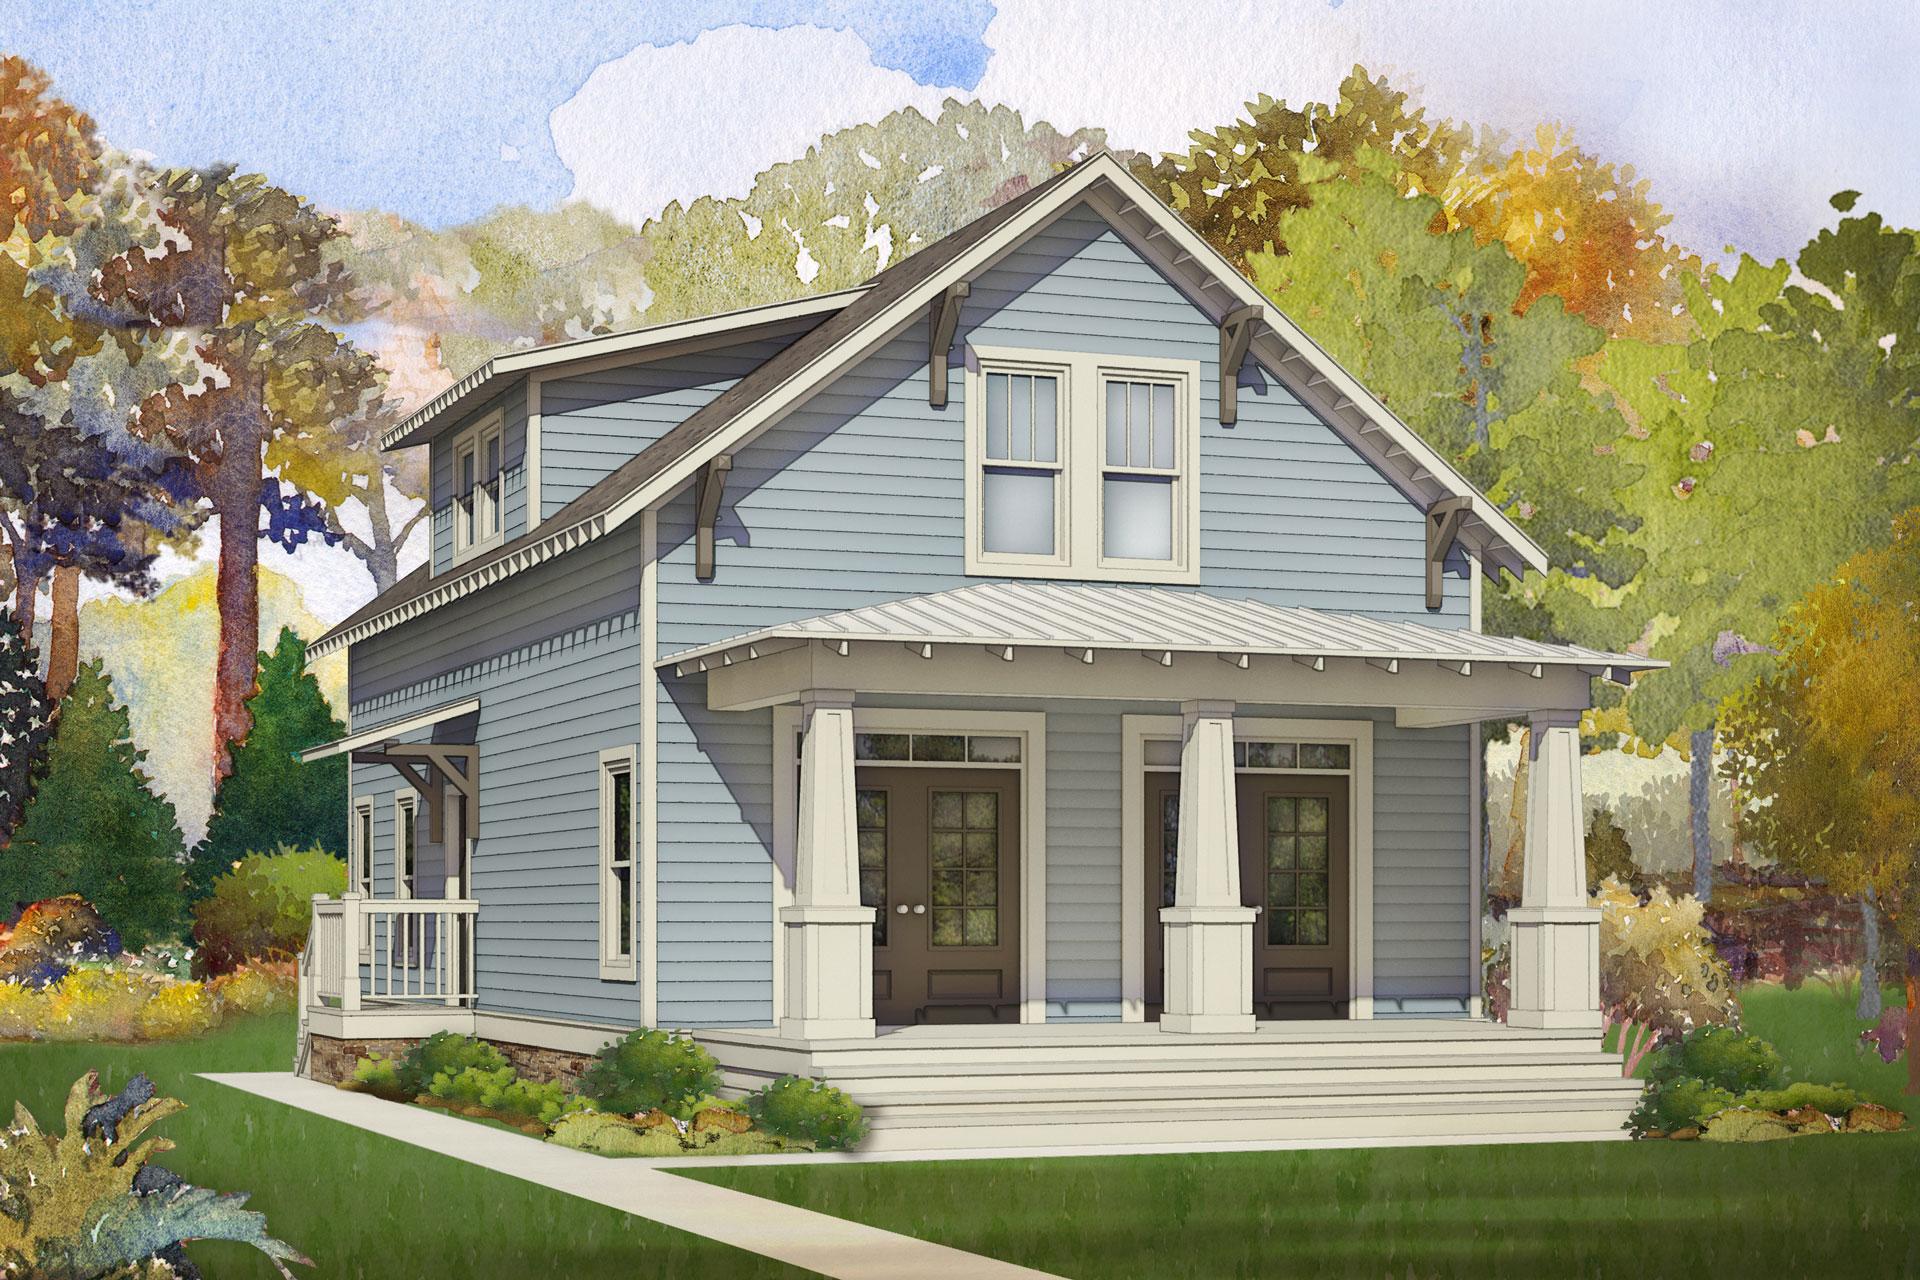 coffee bluff modular home rendering